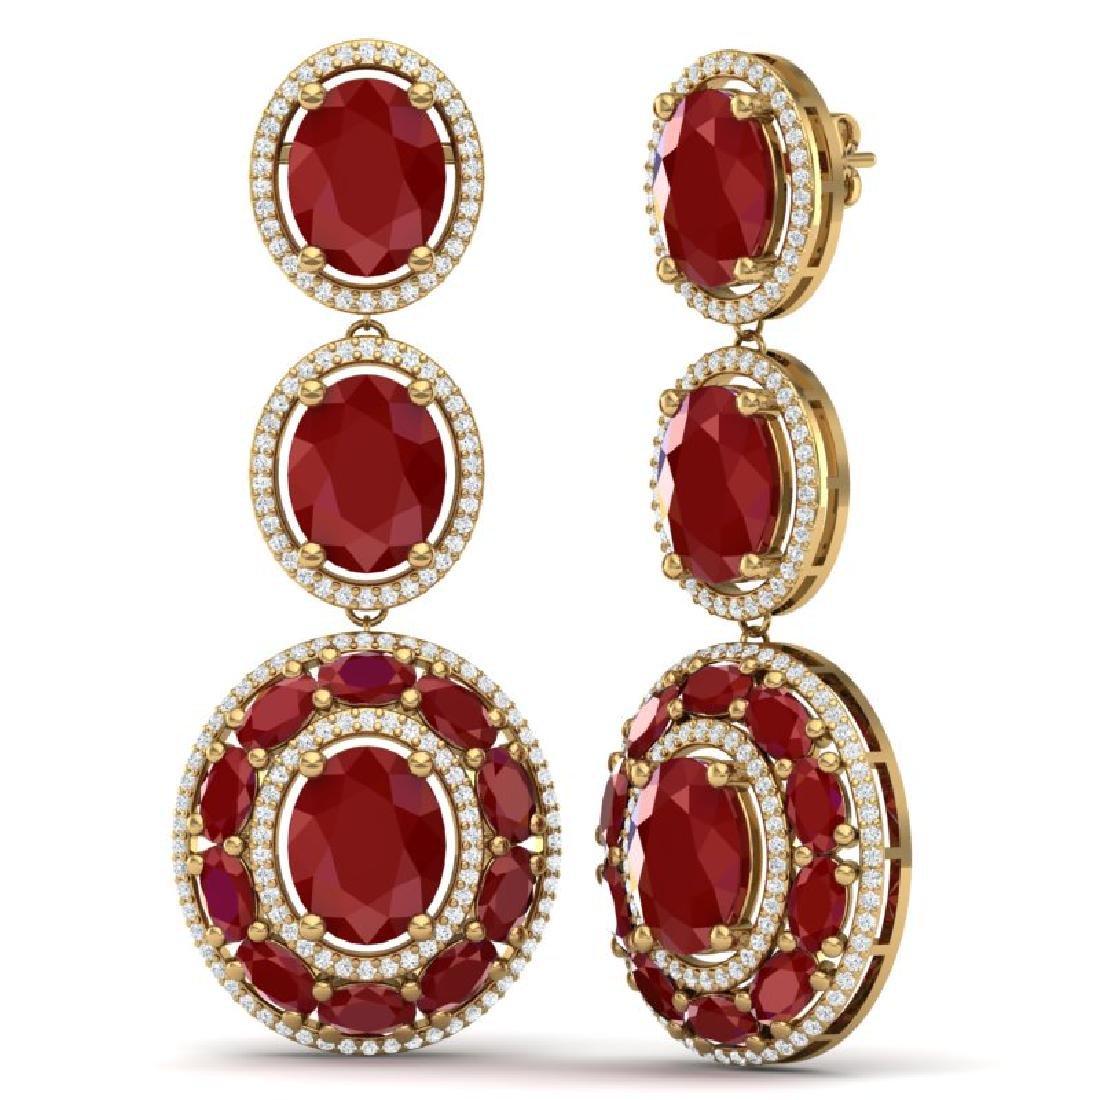 32.84 CTW Royalty Designer Ruby & VS Diamond Earrings - 3